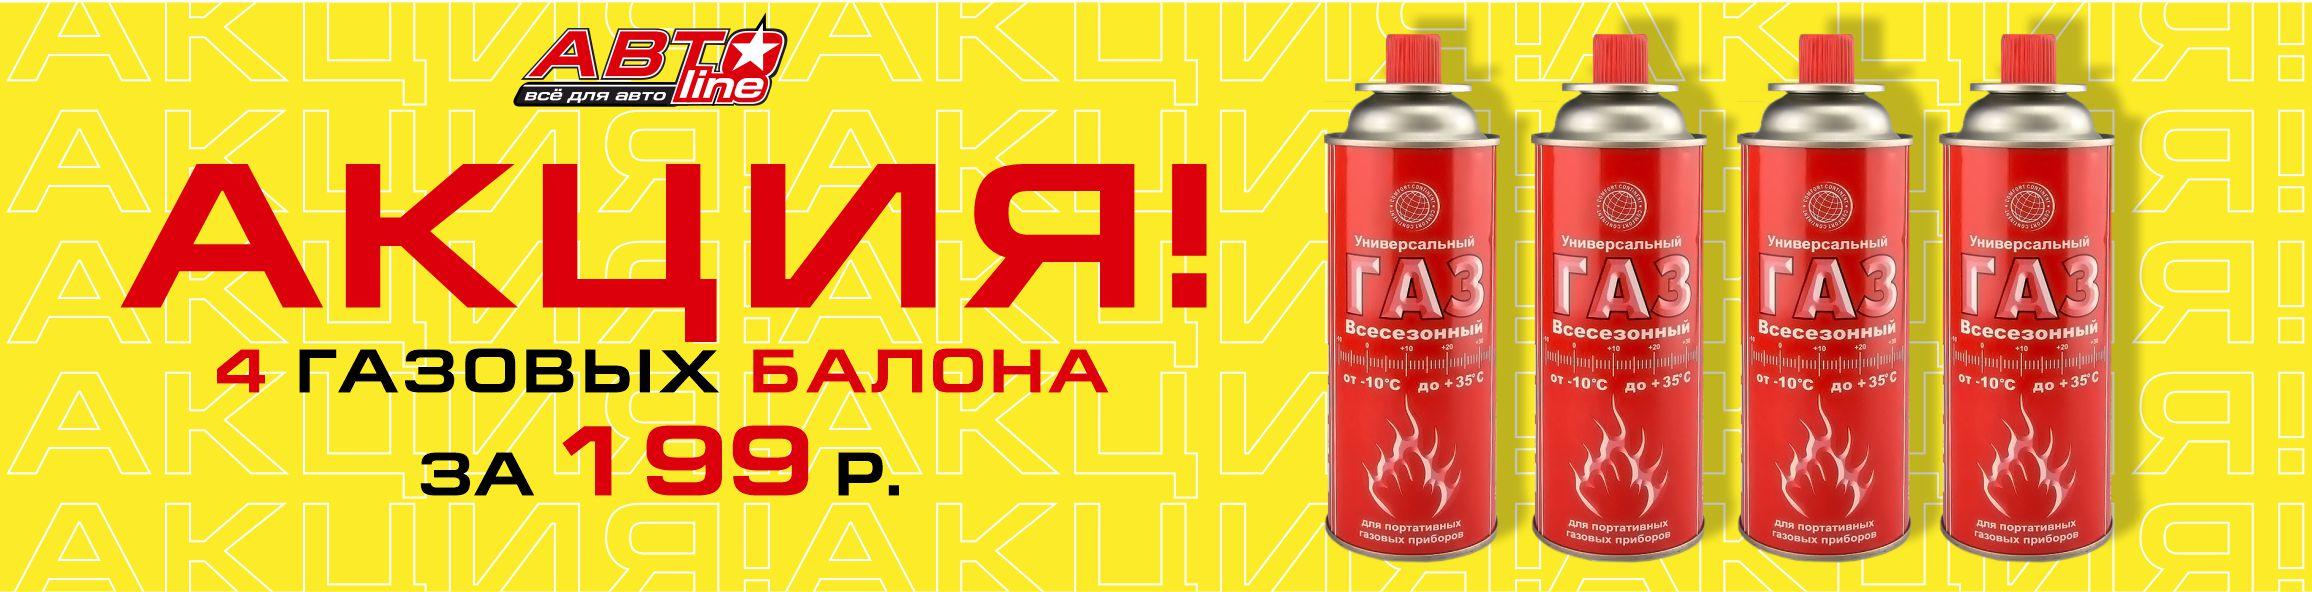 Автолайн- газ по акции